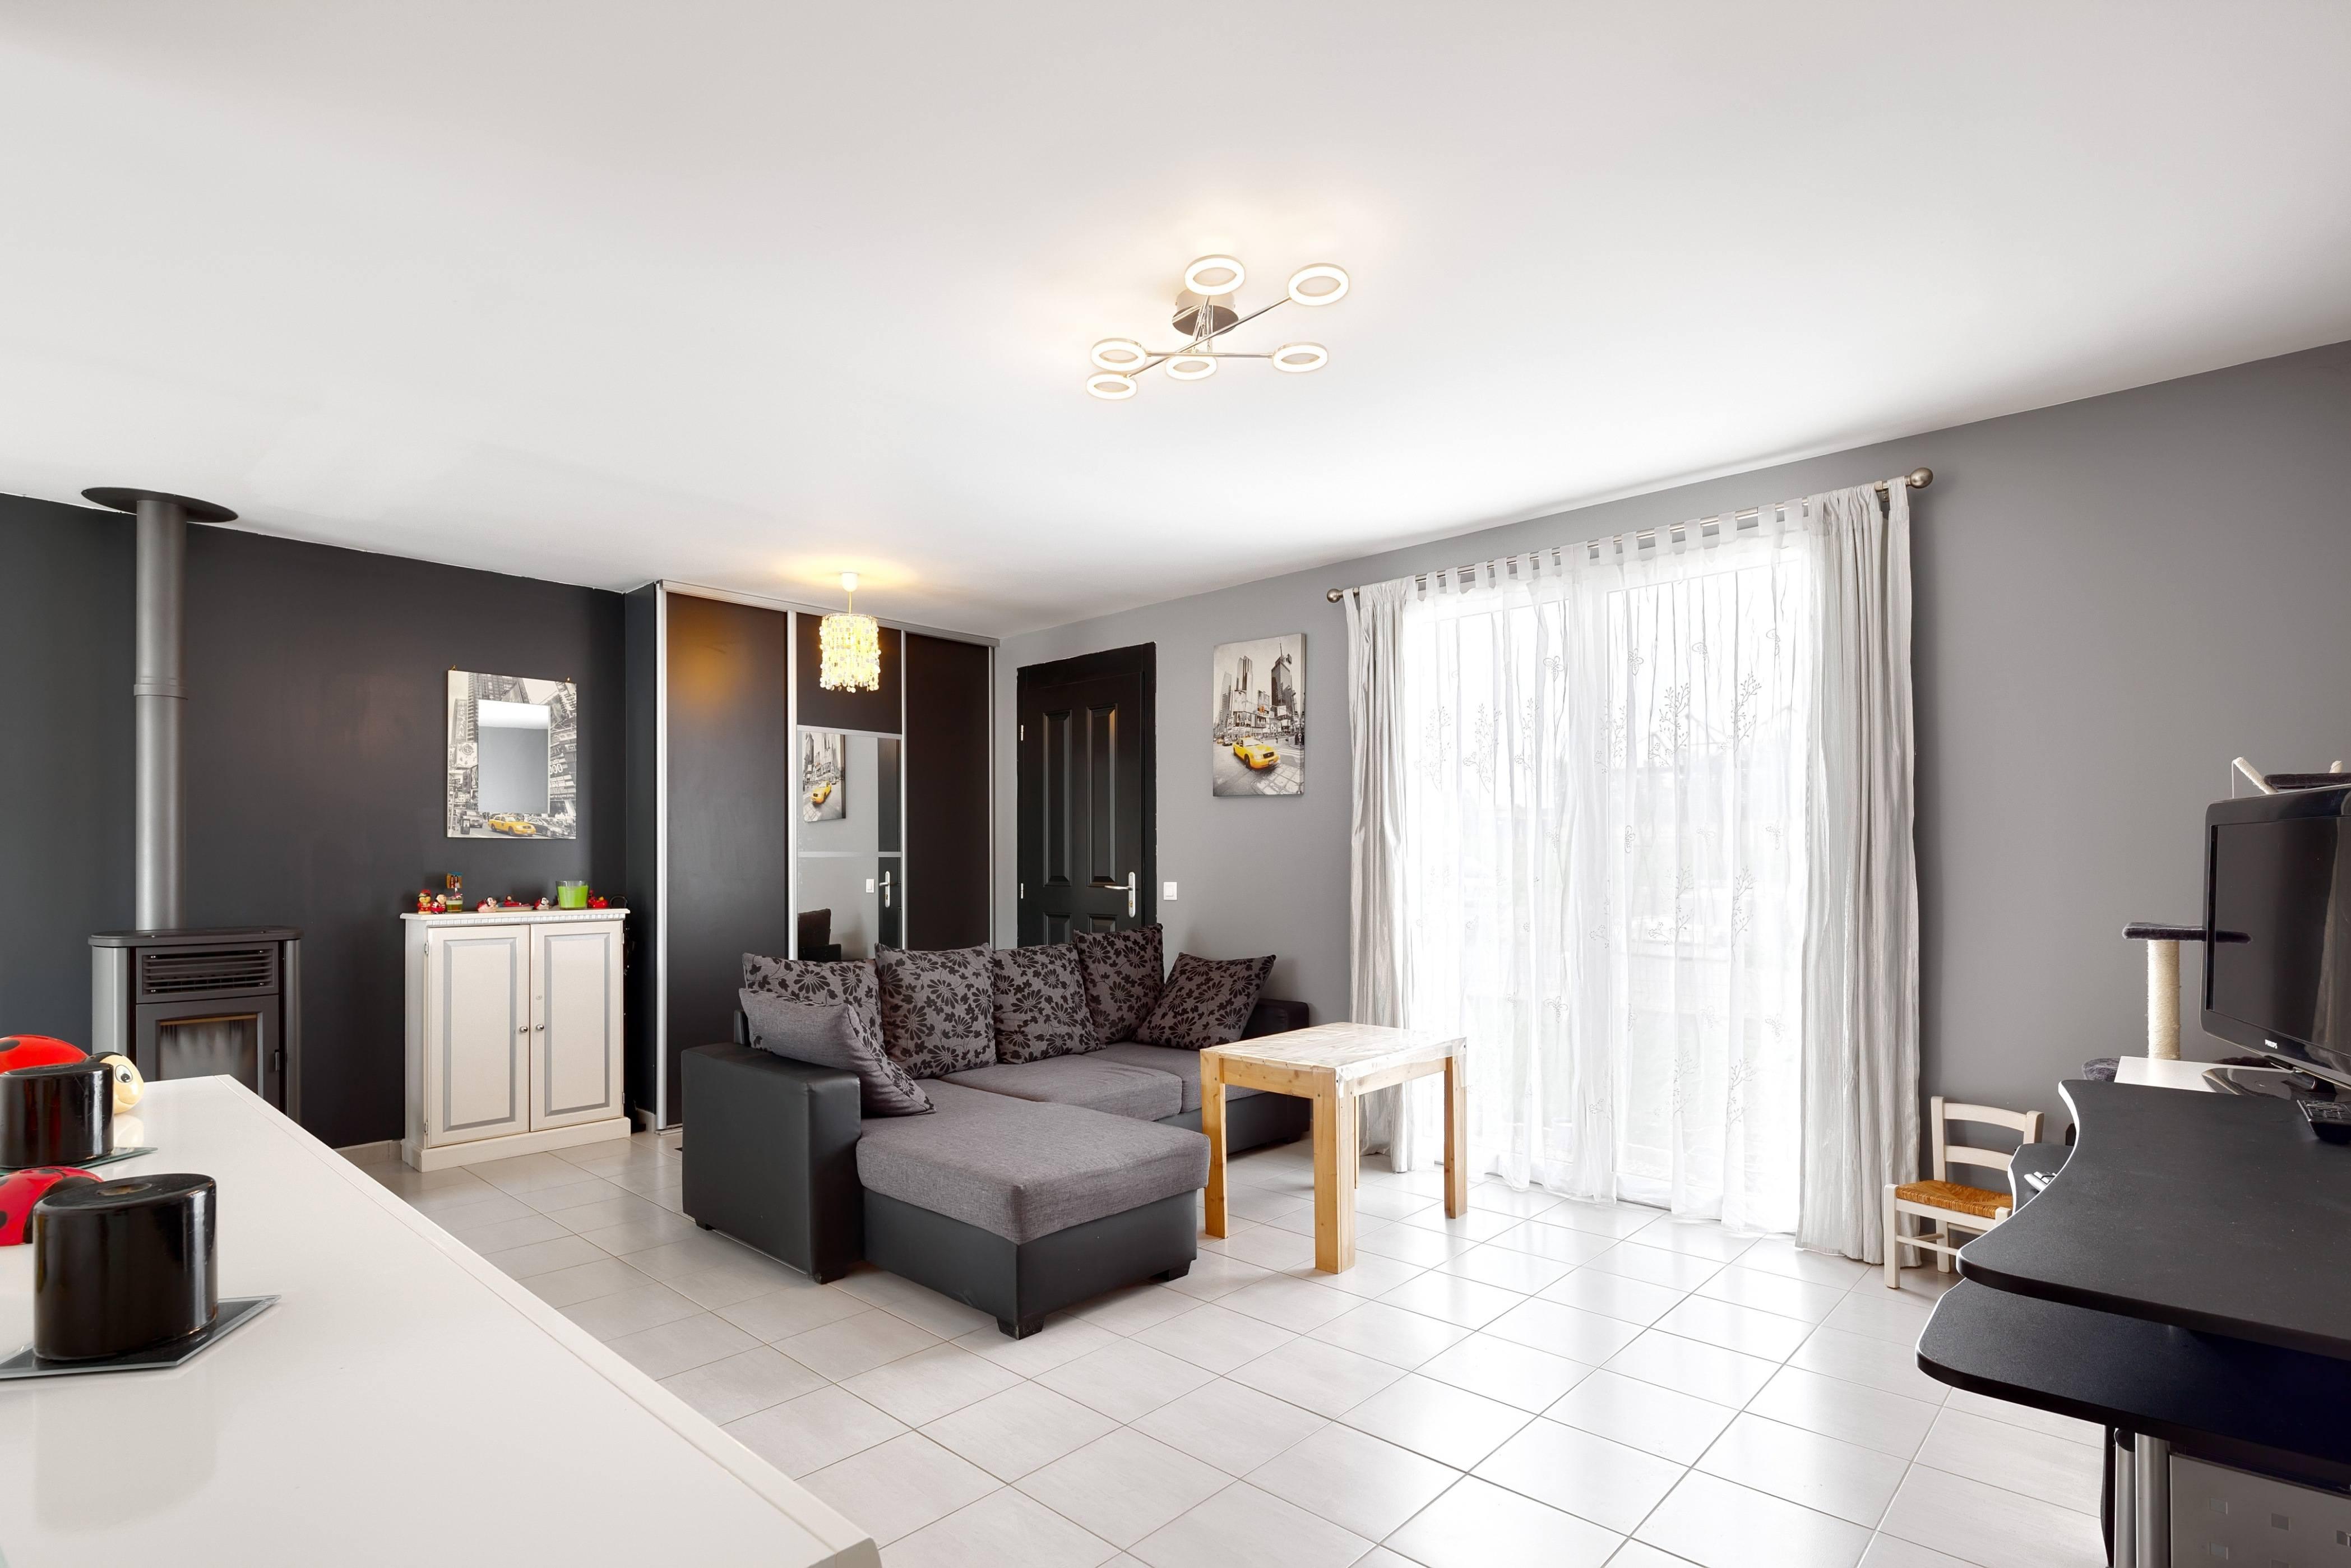 Maisons + Terrains du constructeur Maisons Phénix Montgermont • 101 m² • TREFFENDEL